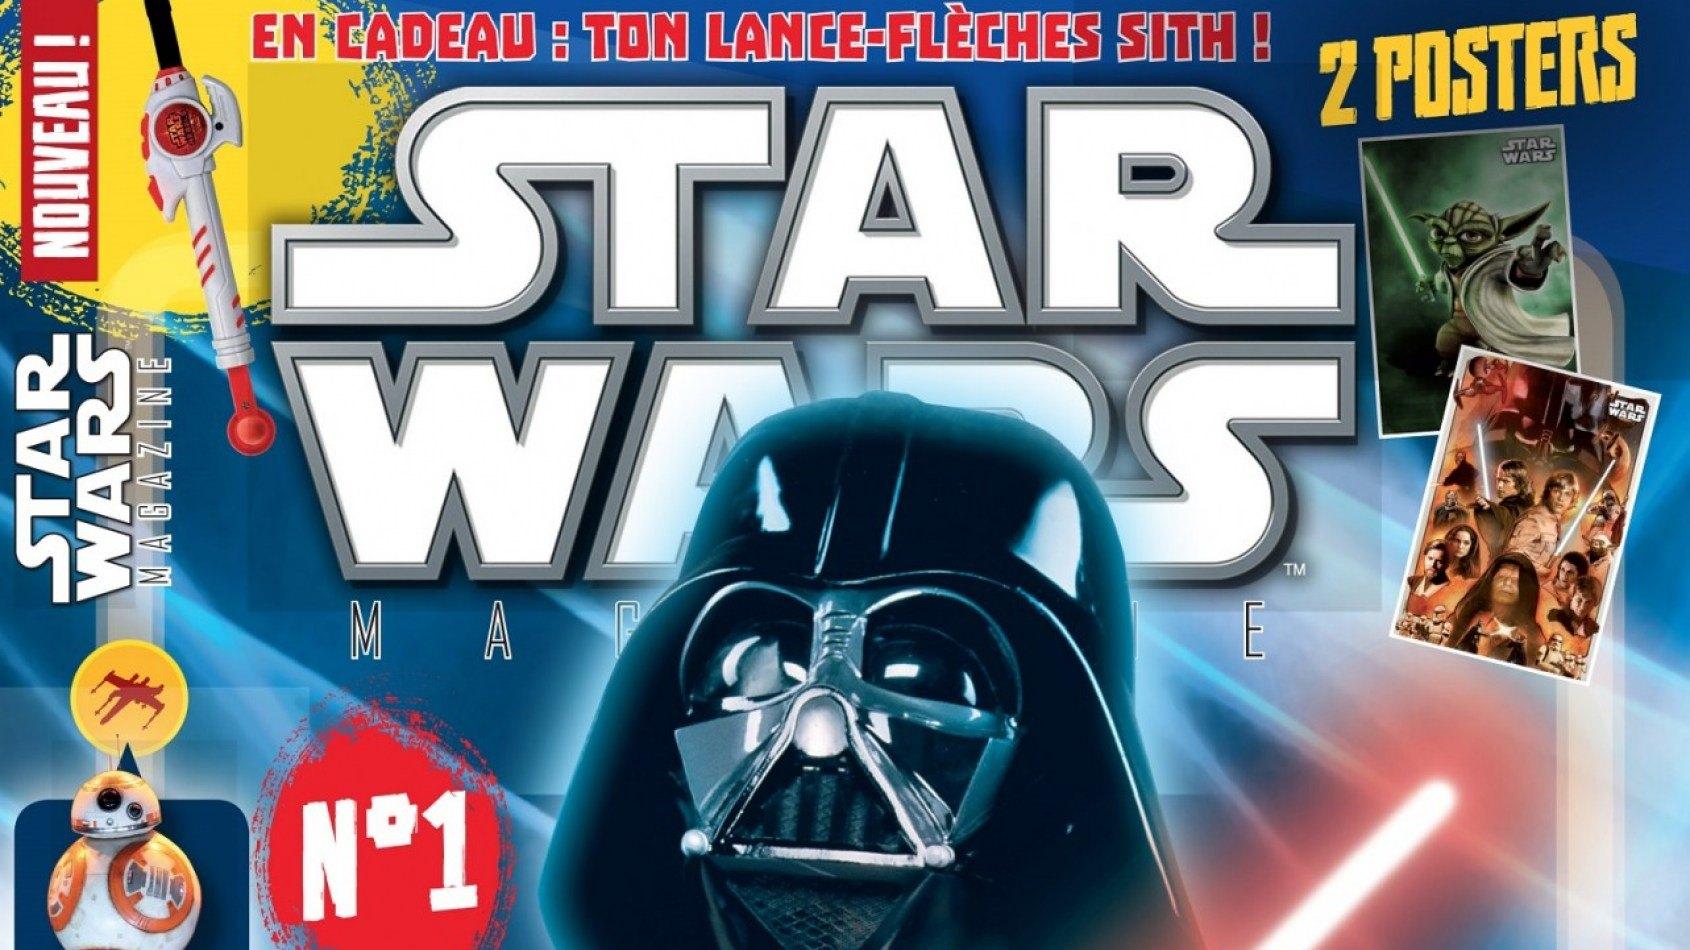 [Panini] Le Star Wars Magazine 1 est sorti